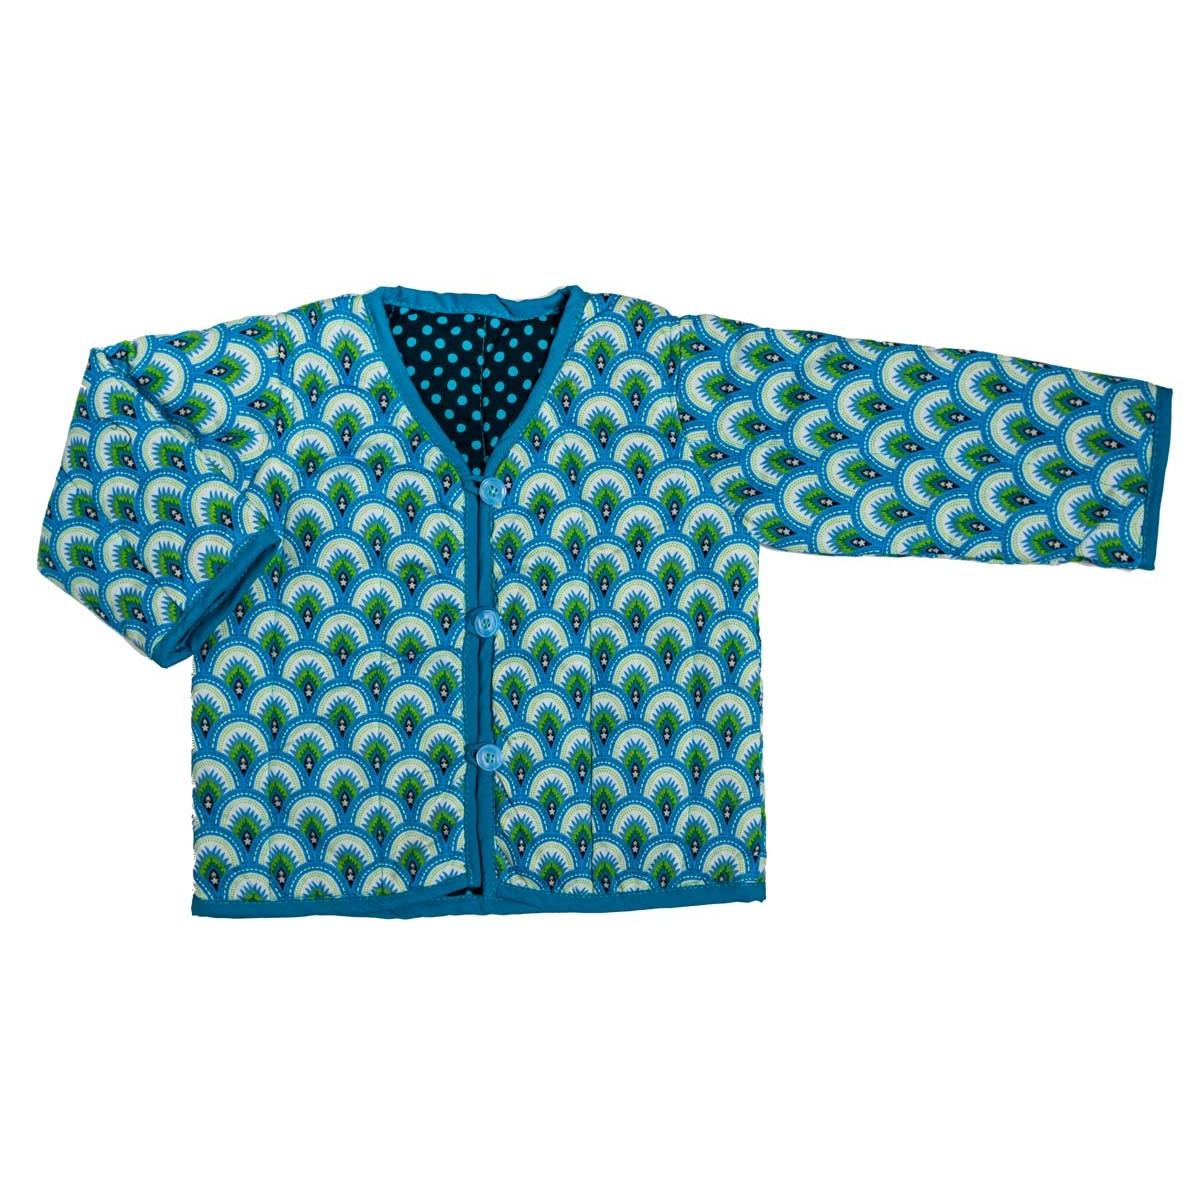 Veste bébé 0-24 mois réversible coton bleu